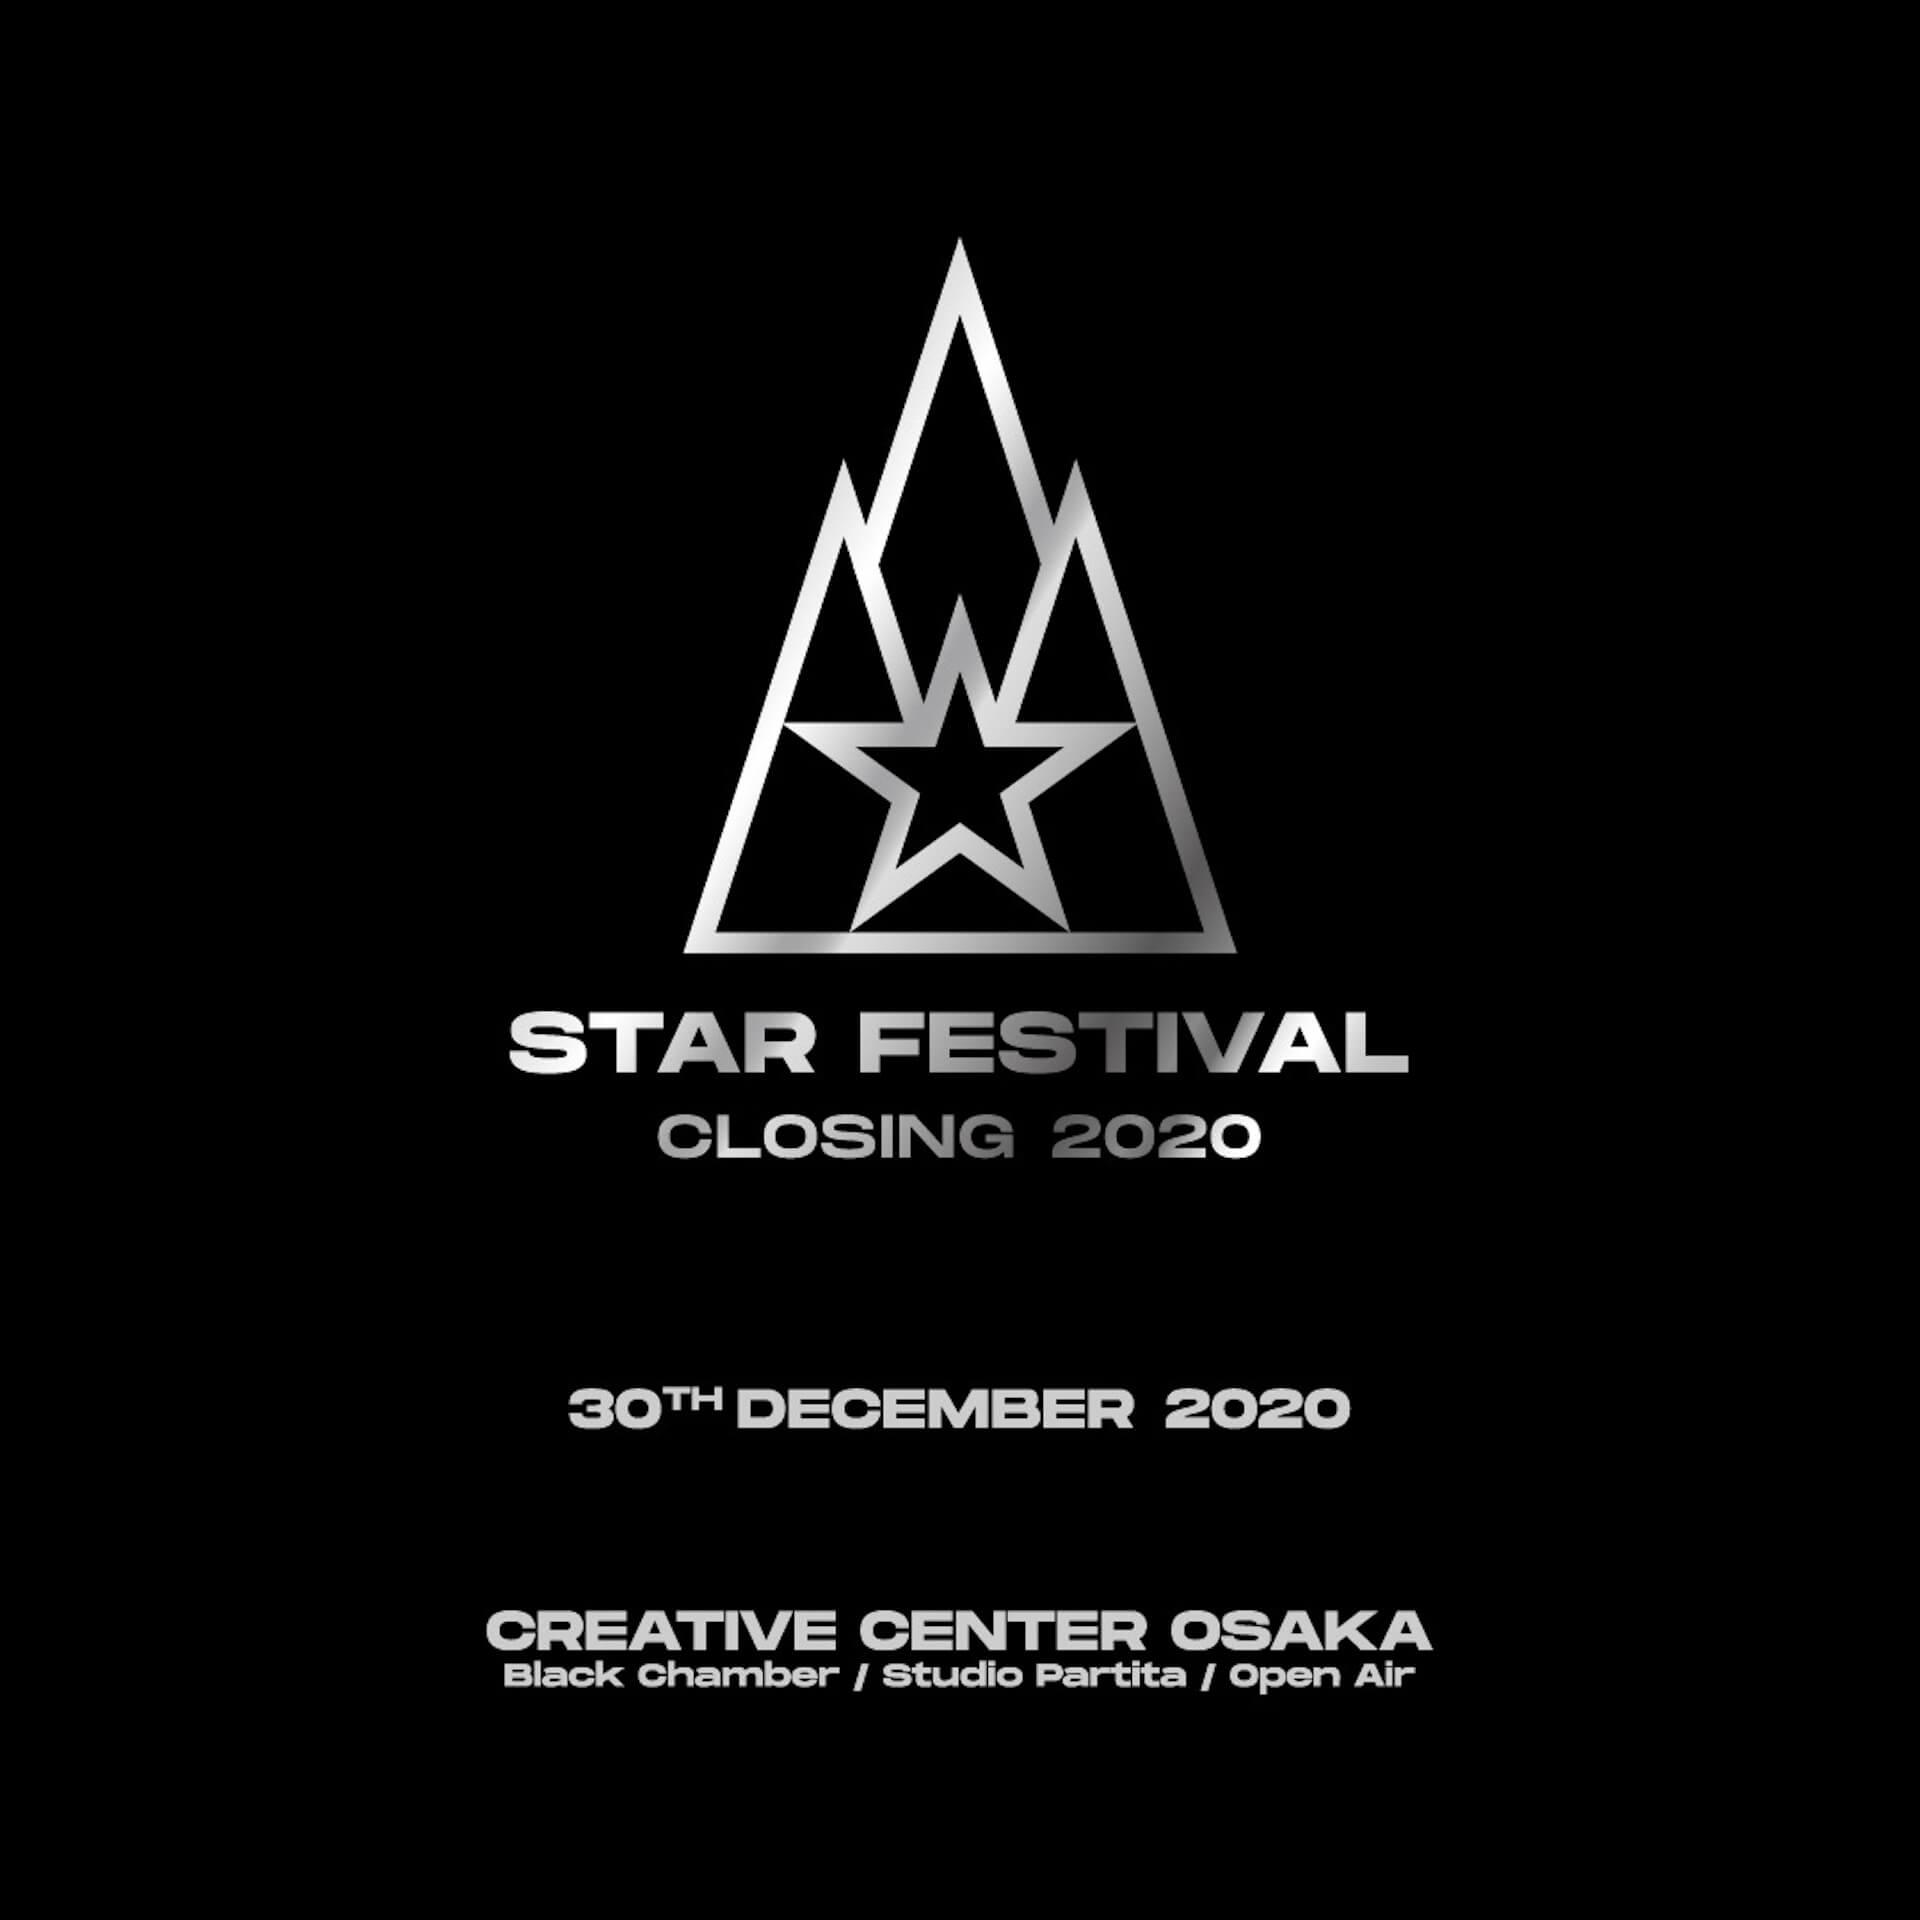 年末パーティー<Starfestival closing 2020>の追加出演者が発表!釈迦坊主、KM、Kyokaらがラインナップ music201216_starfestival2020_artist_5